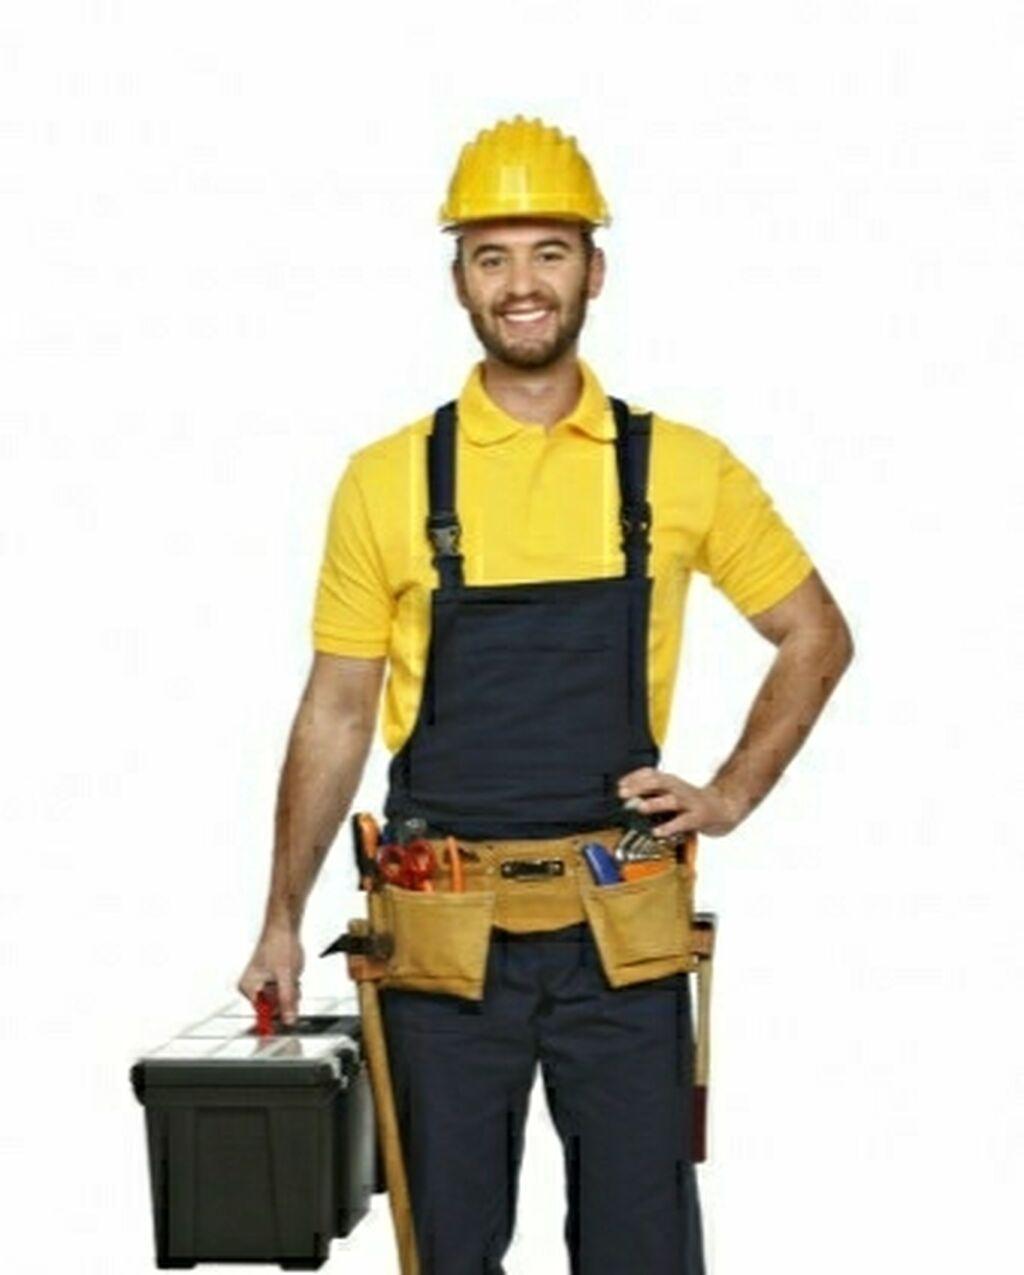 Электрик, сварщик, сантехник. Быстро! Качественно! Вызов бесплатно!: Электрик, сварщик, сантехник. Быстро! Качественно! Вызов бесплатно!